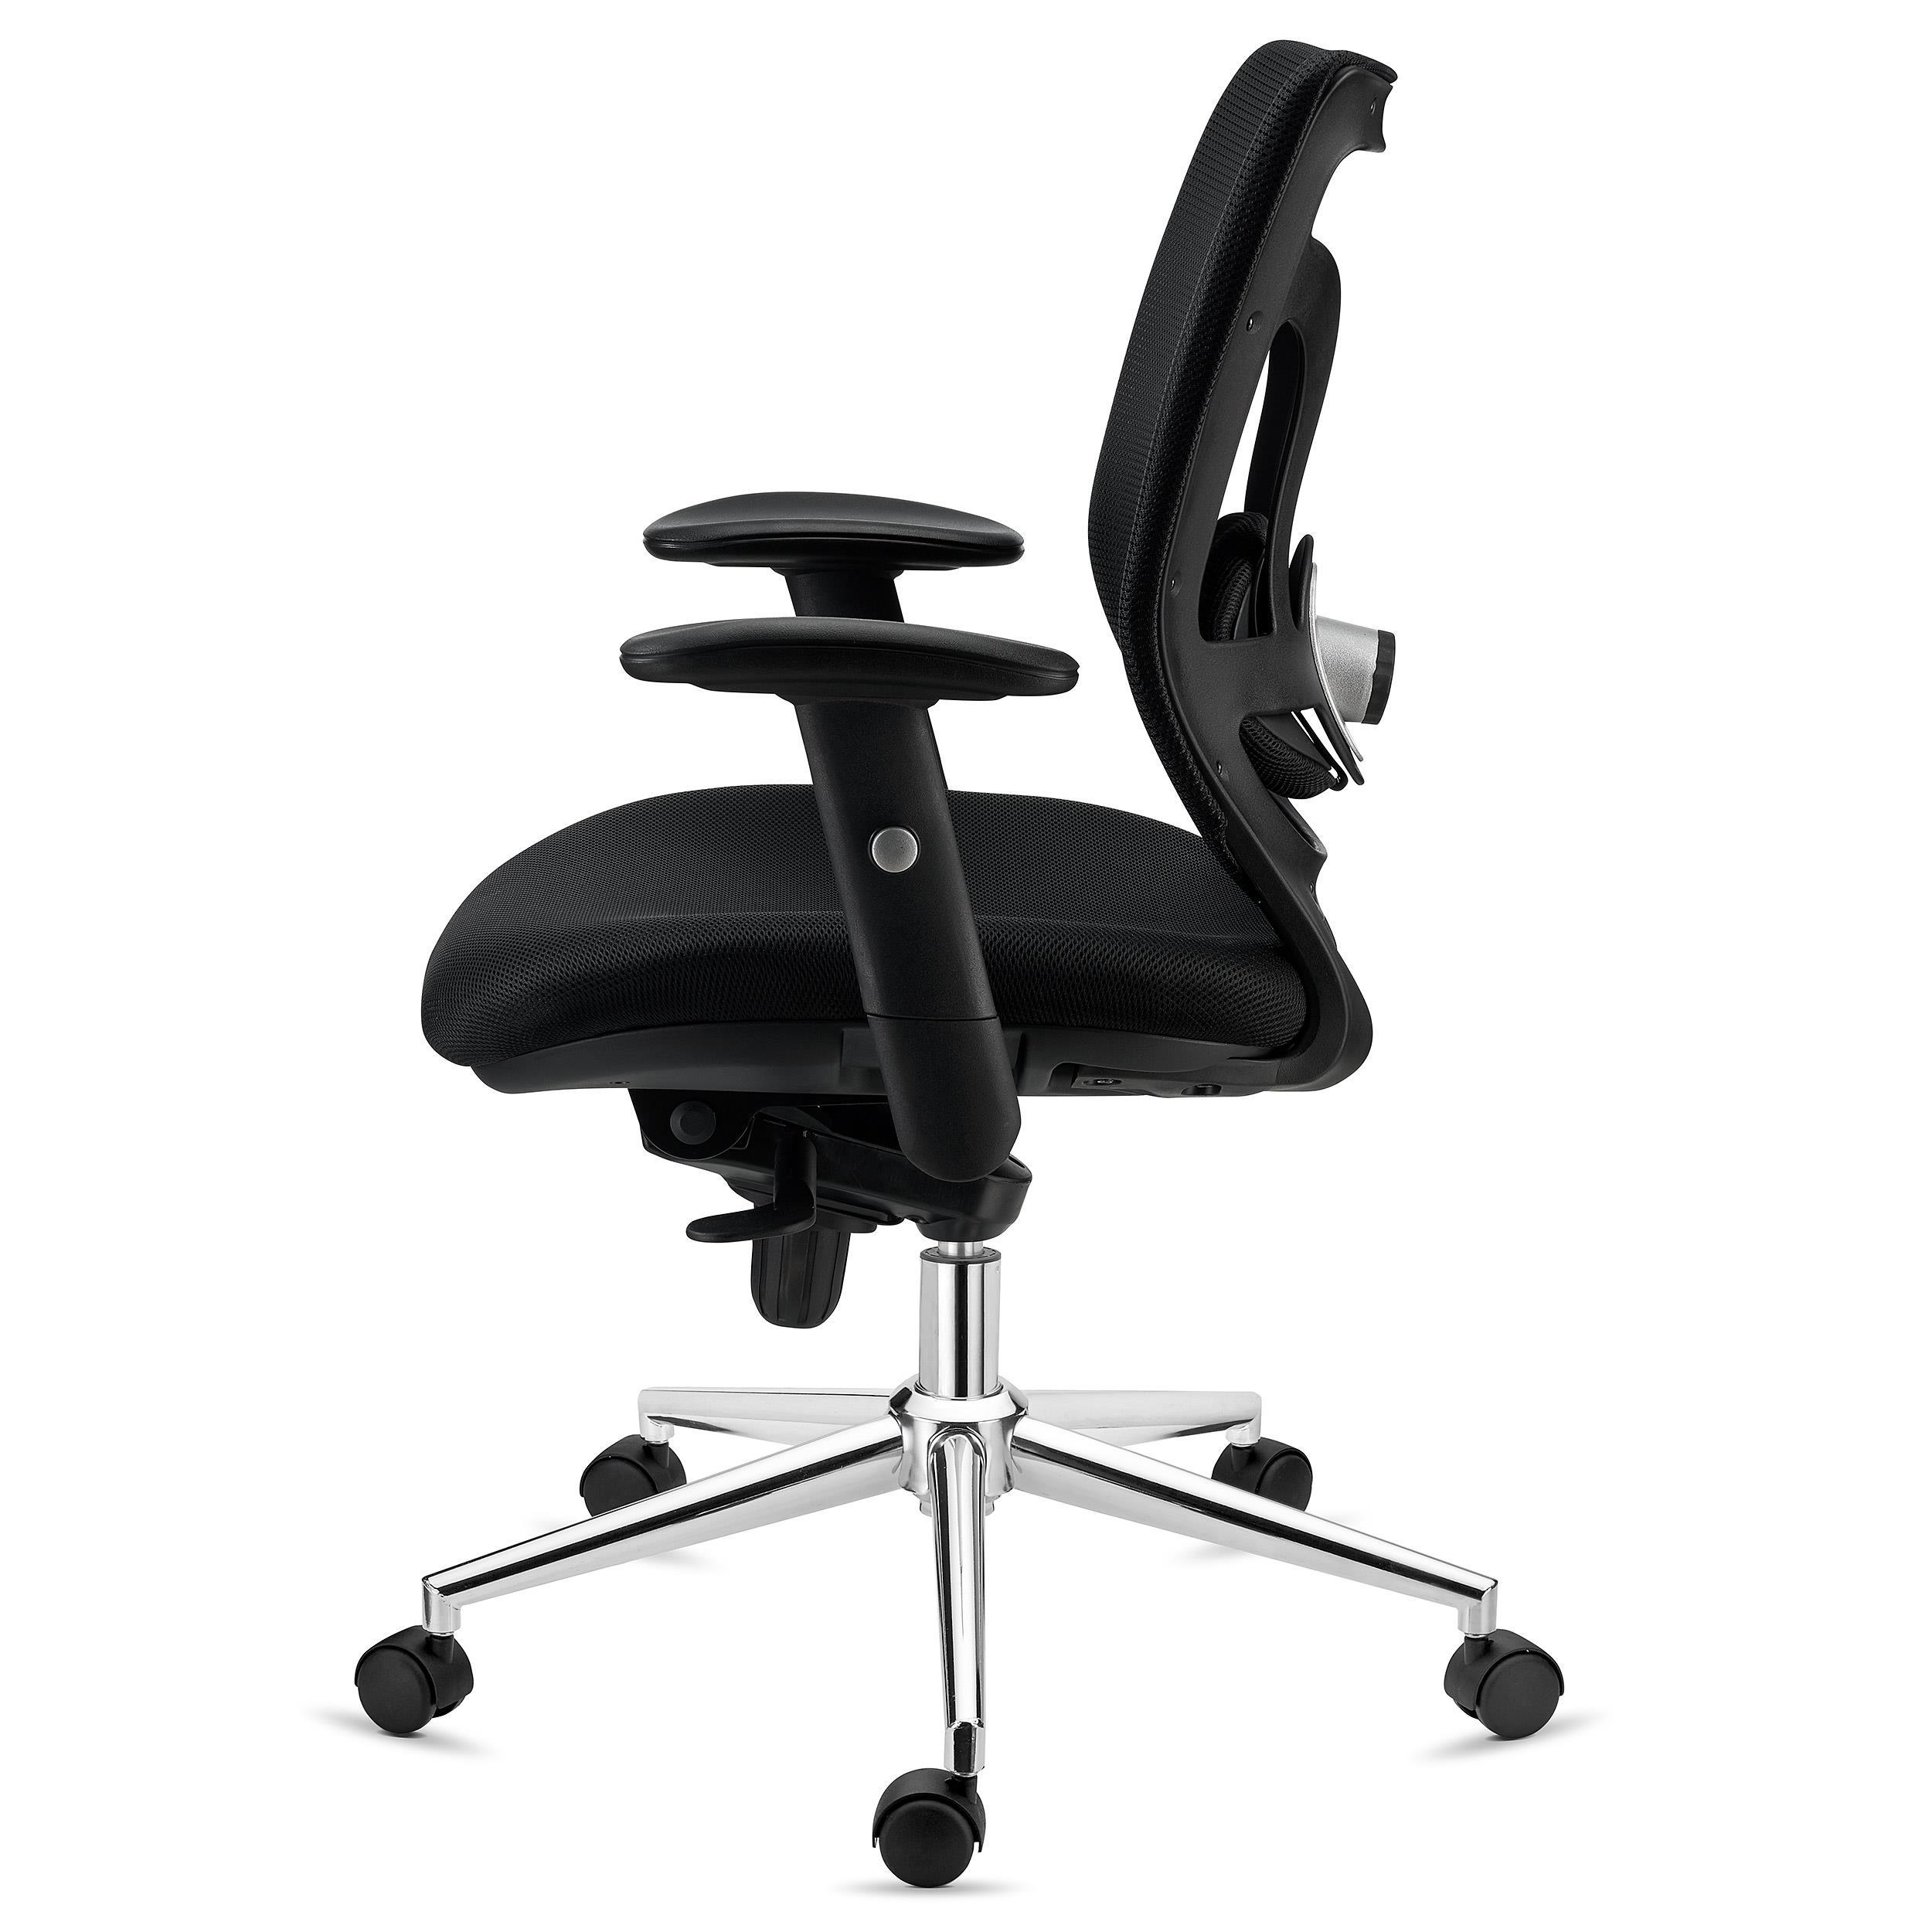 Silla de oficina ergonomica lambo soporte lumbar en for Soporte lumbar silla oficina